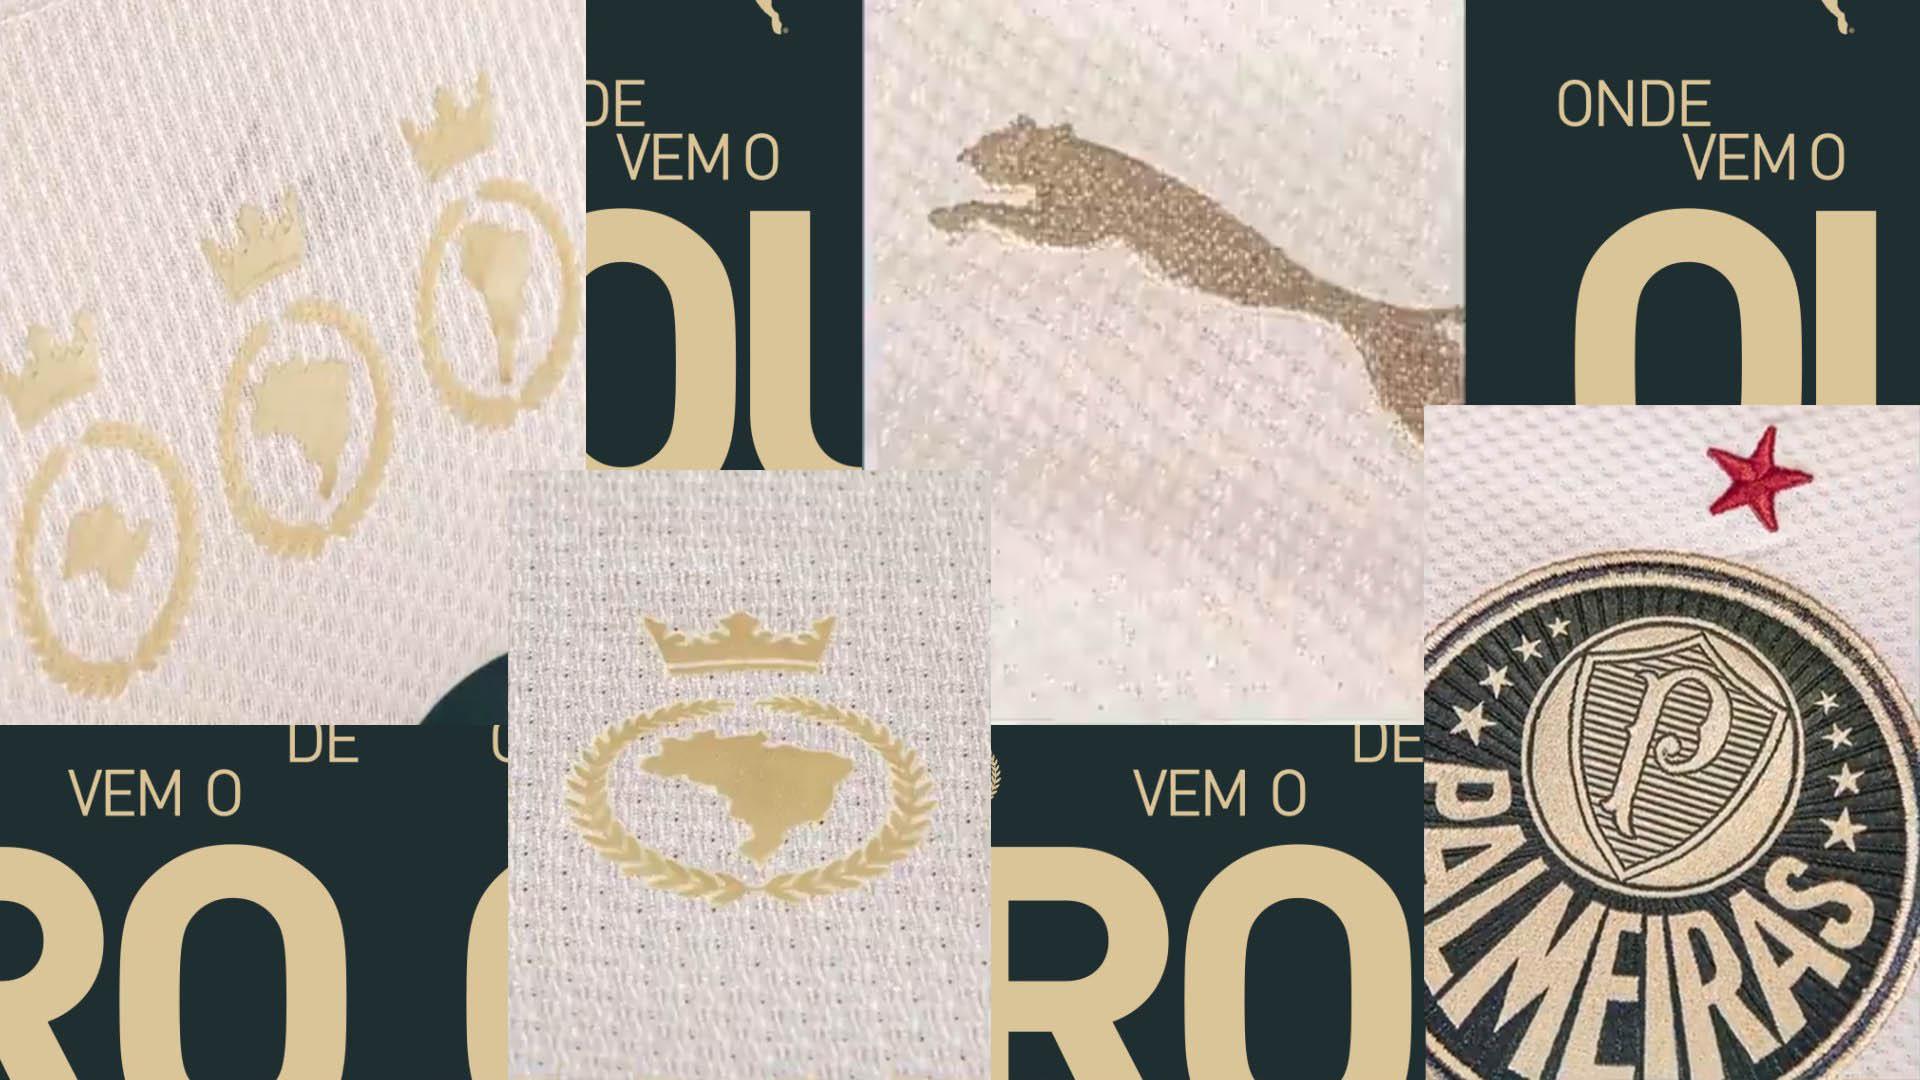 DeOndeVemoOuro PUMA terceira camisa do Palmeiras 2021-2022 a